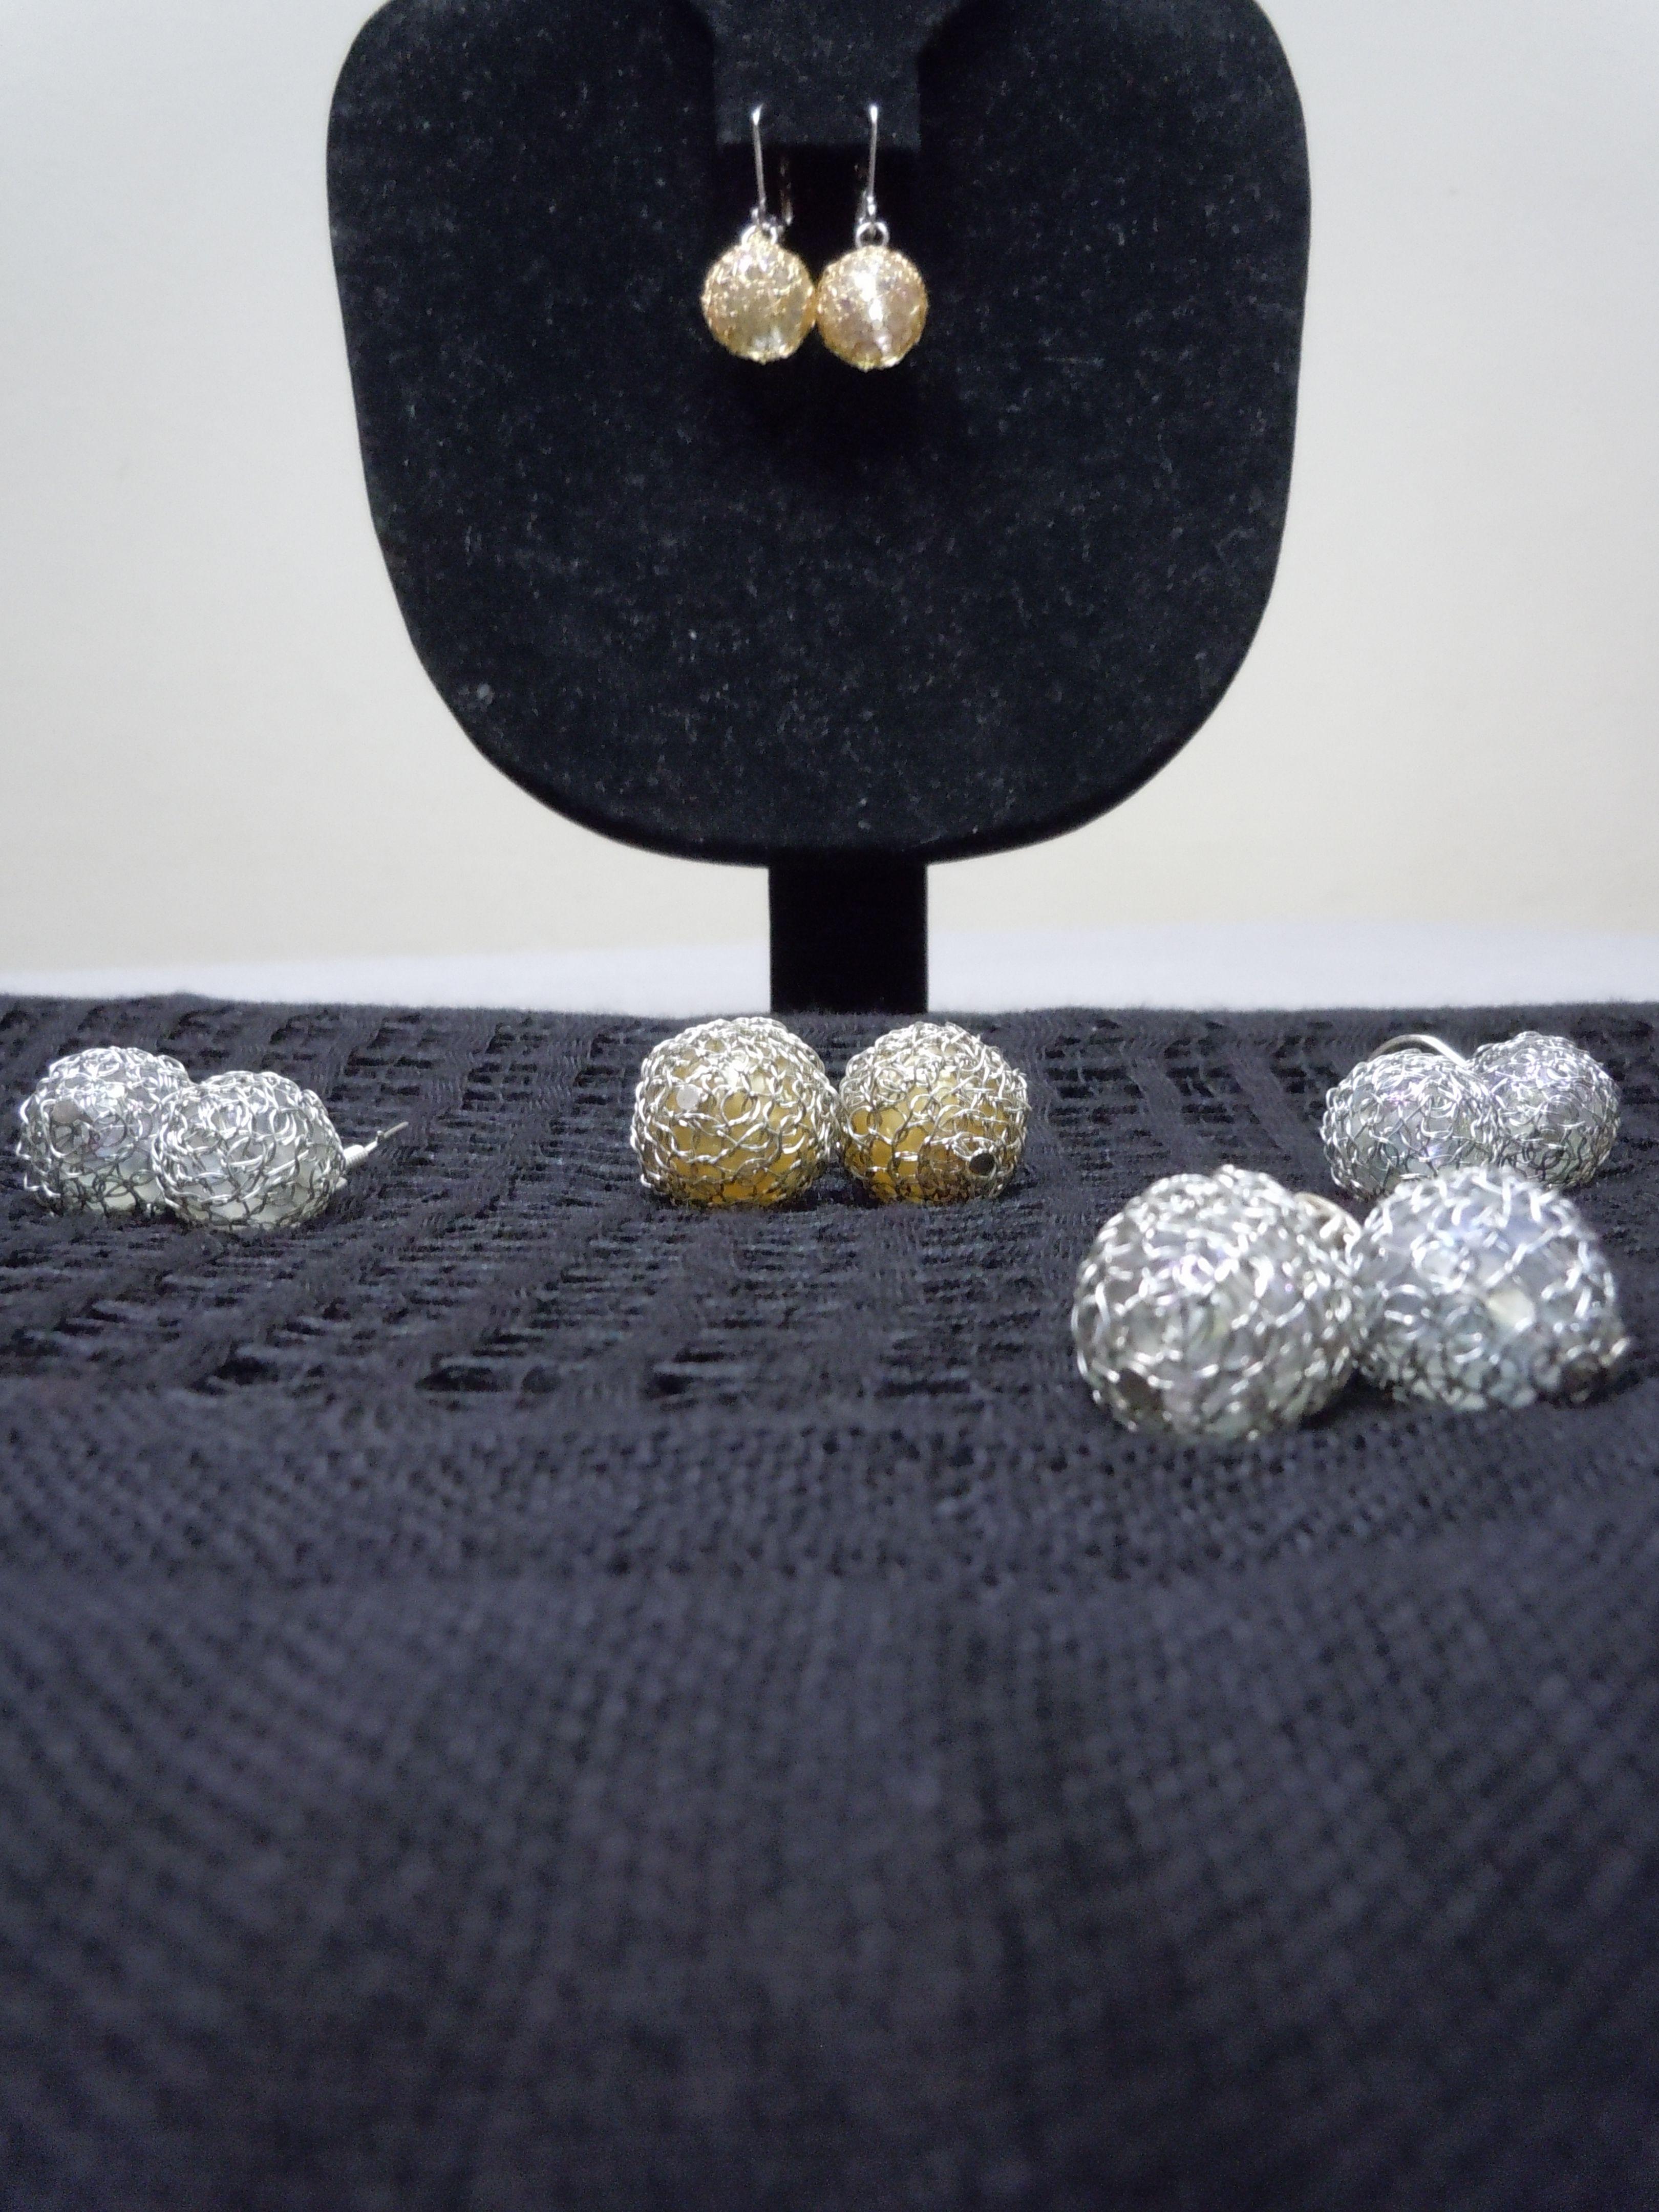 Pin By Melva Chica On Joyeria Artesanal En Hilo De Cobre Plata Y Oro Diamond Earrings Jewelry Earrings